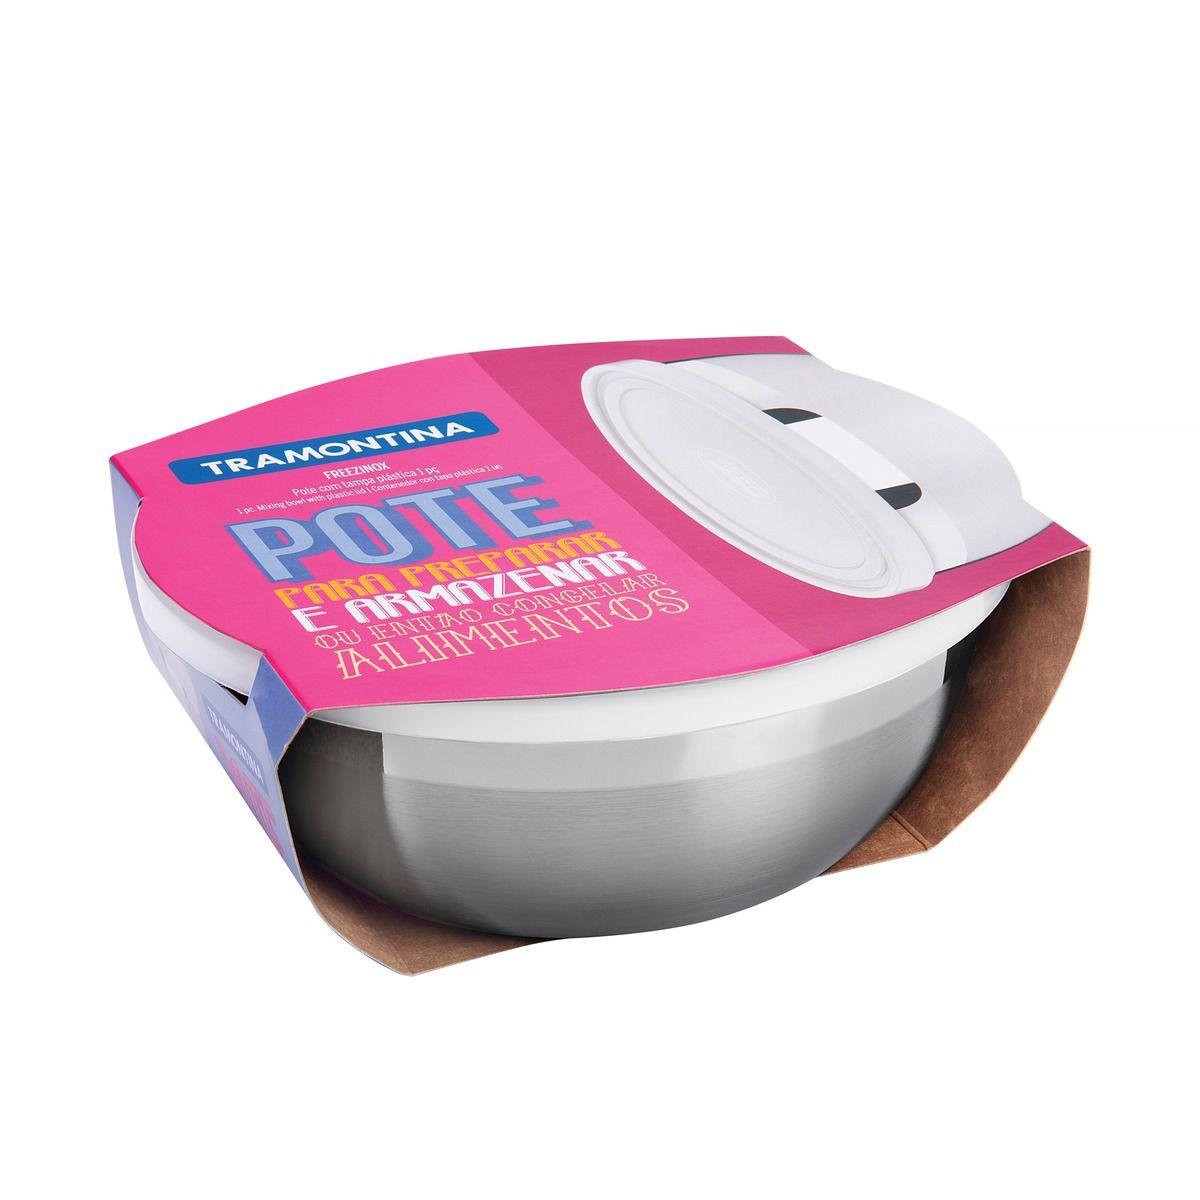 Pote Tramontina Freezinox Redondo em Aço Inox com Tampa Plástica 25 cm 4,2 L 61222/250 | Lojas Estrela